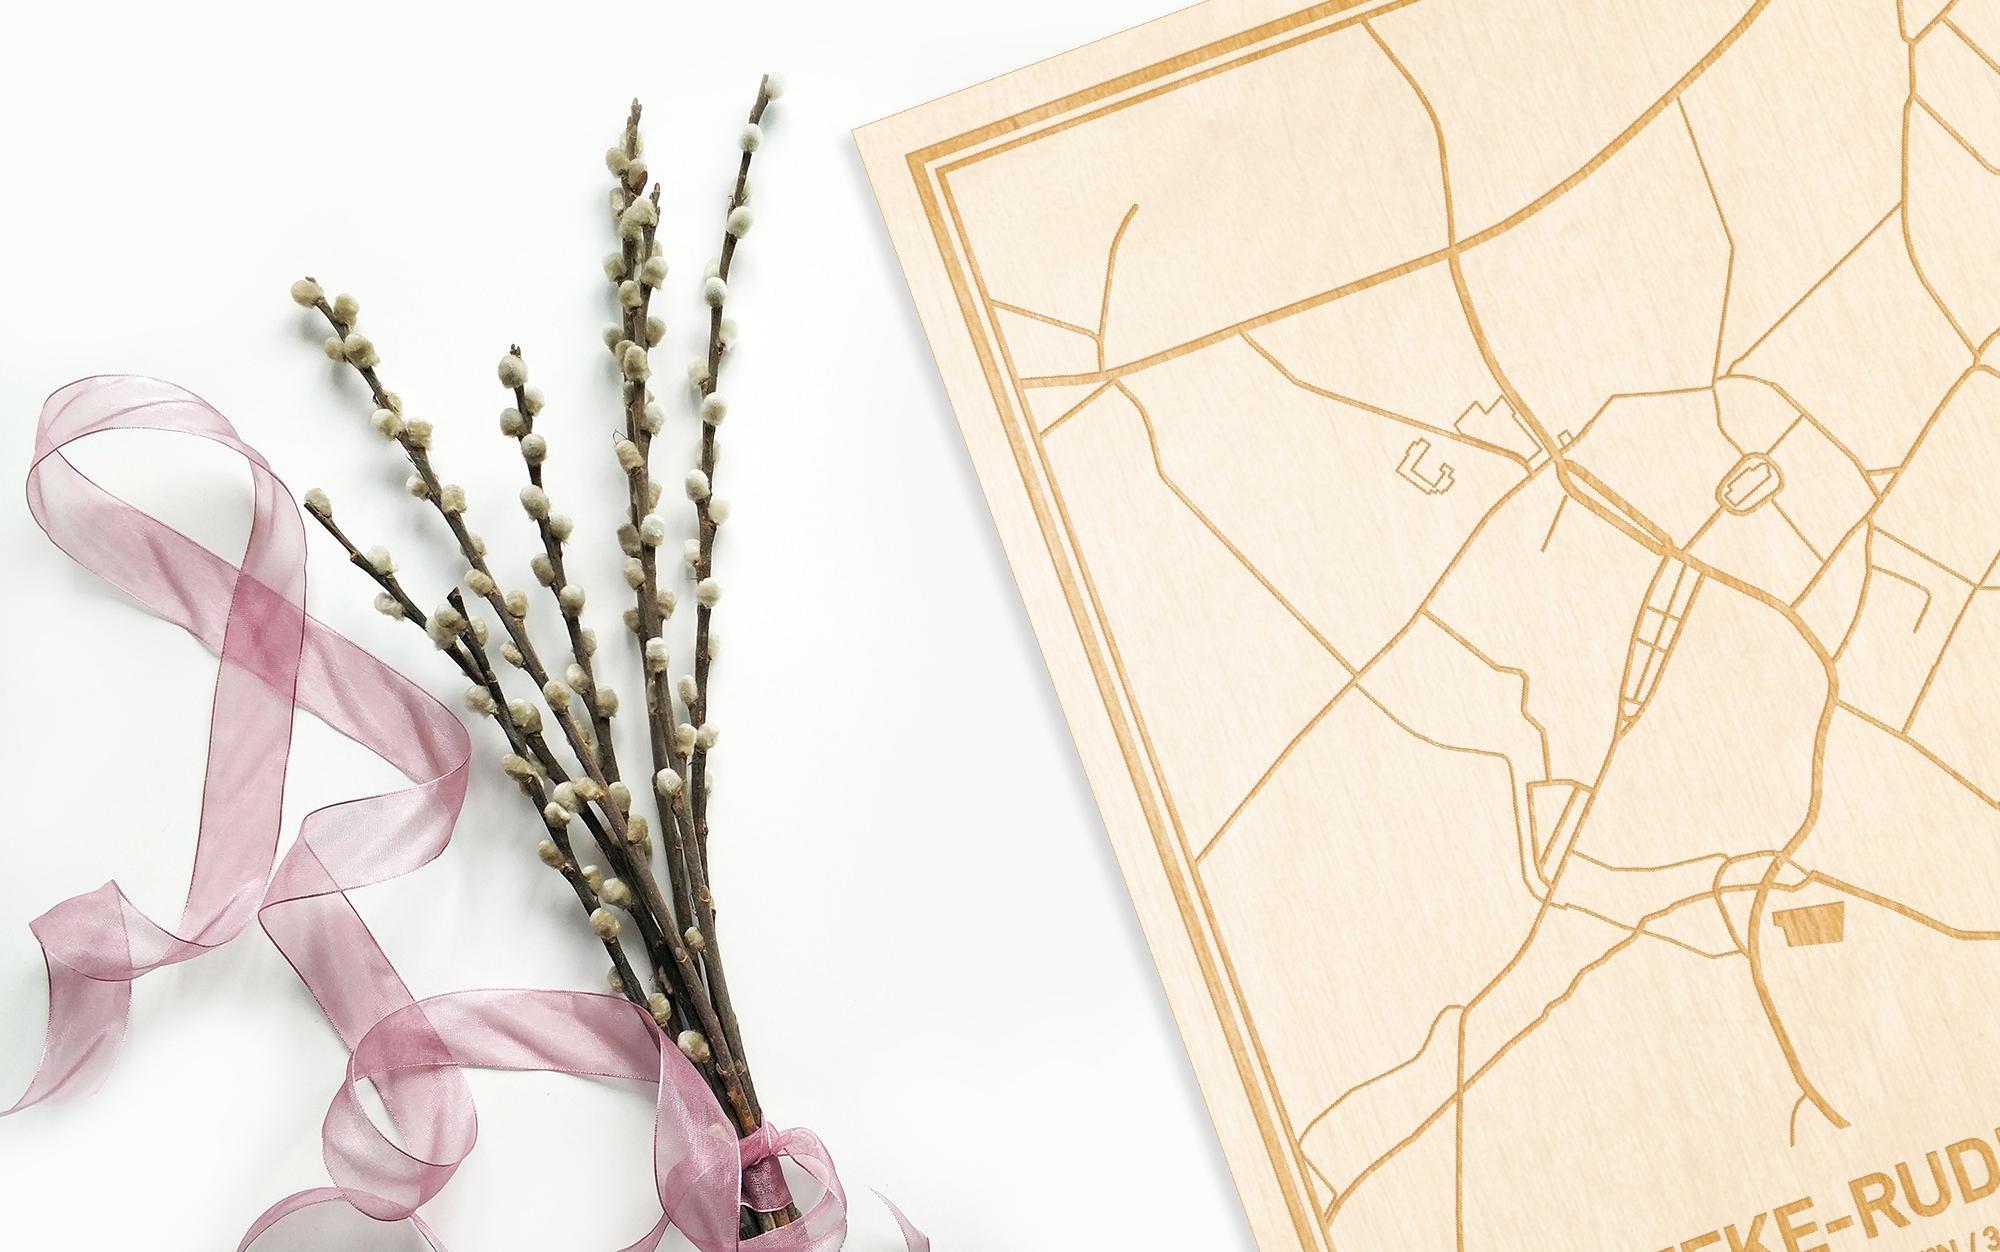 Hier ligt de houten plattegrond Velzeke-Ruddershove naast een bloemetje als gepersonaliseerd cadeau voor haar.